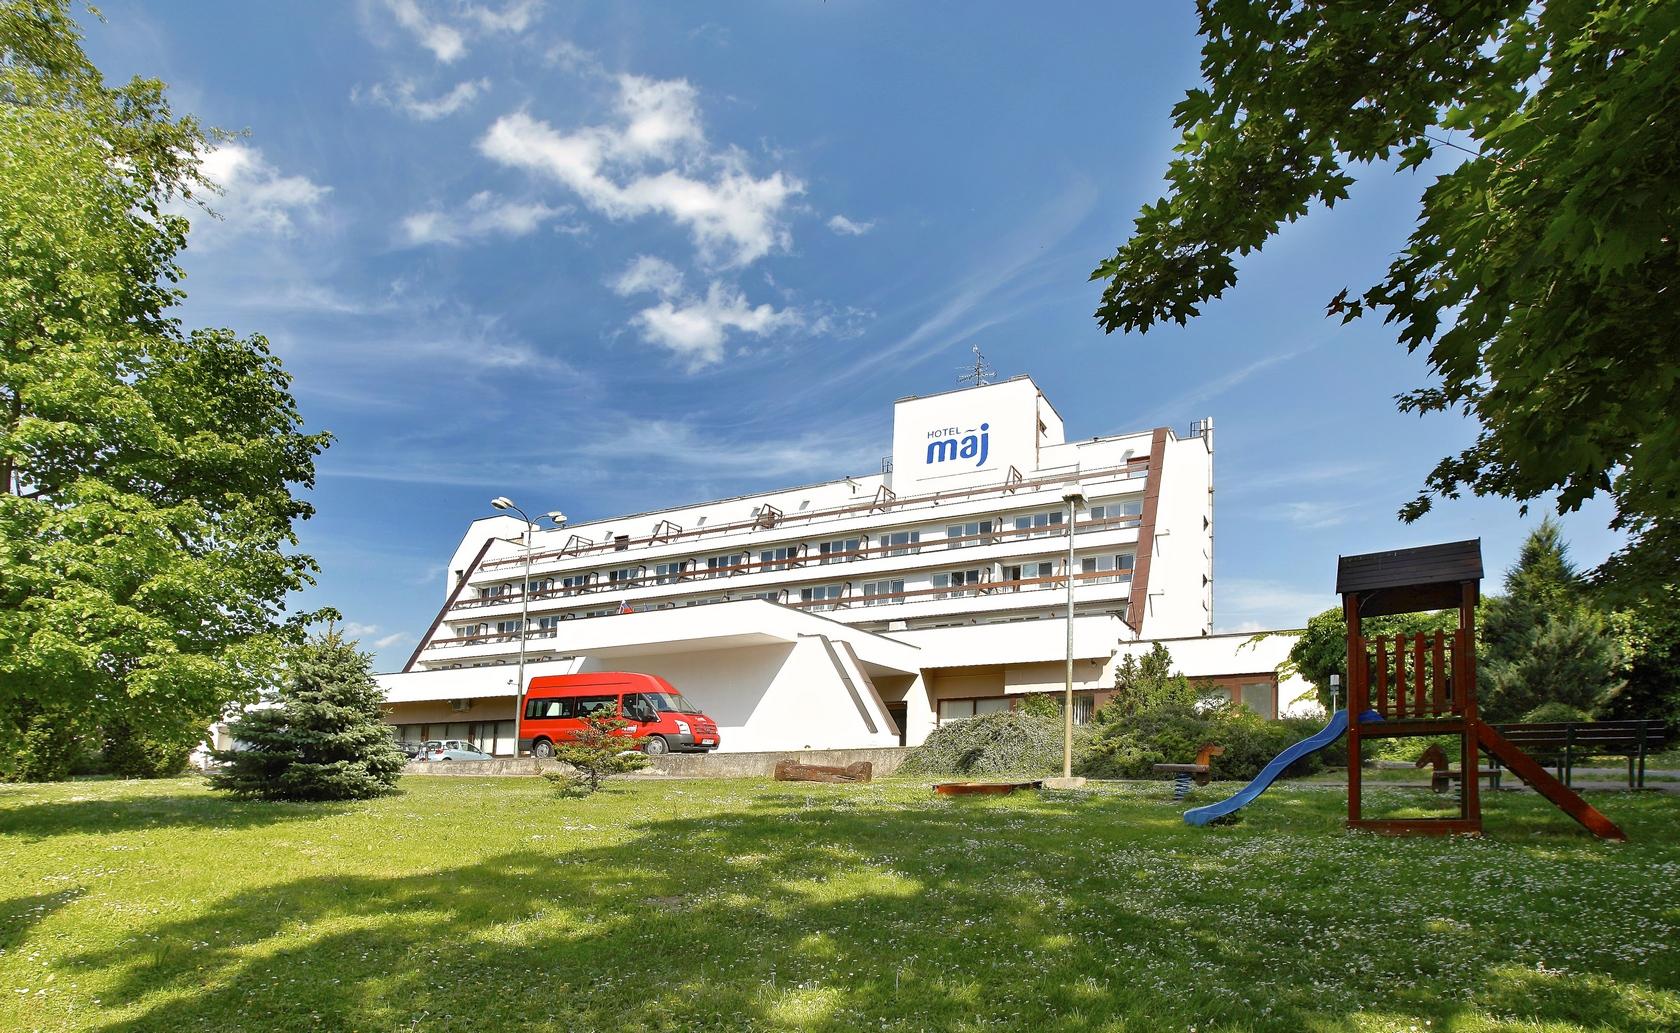 Hotel_Maj_Frontlook